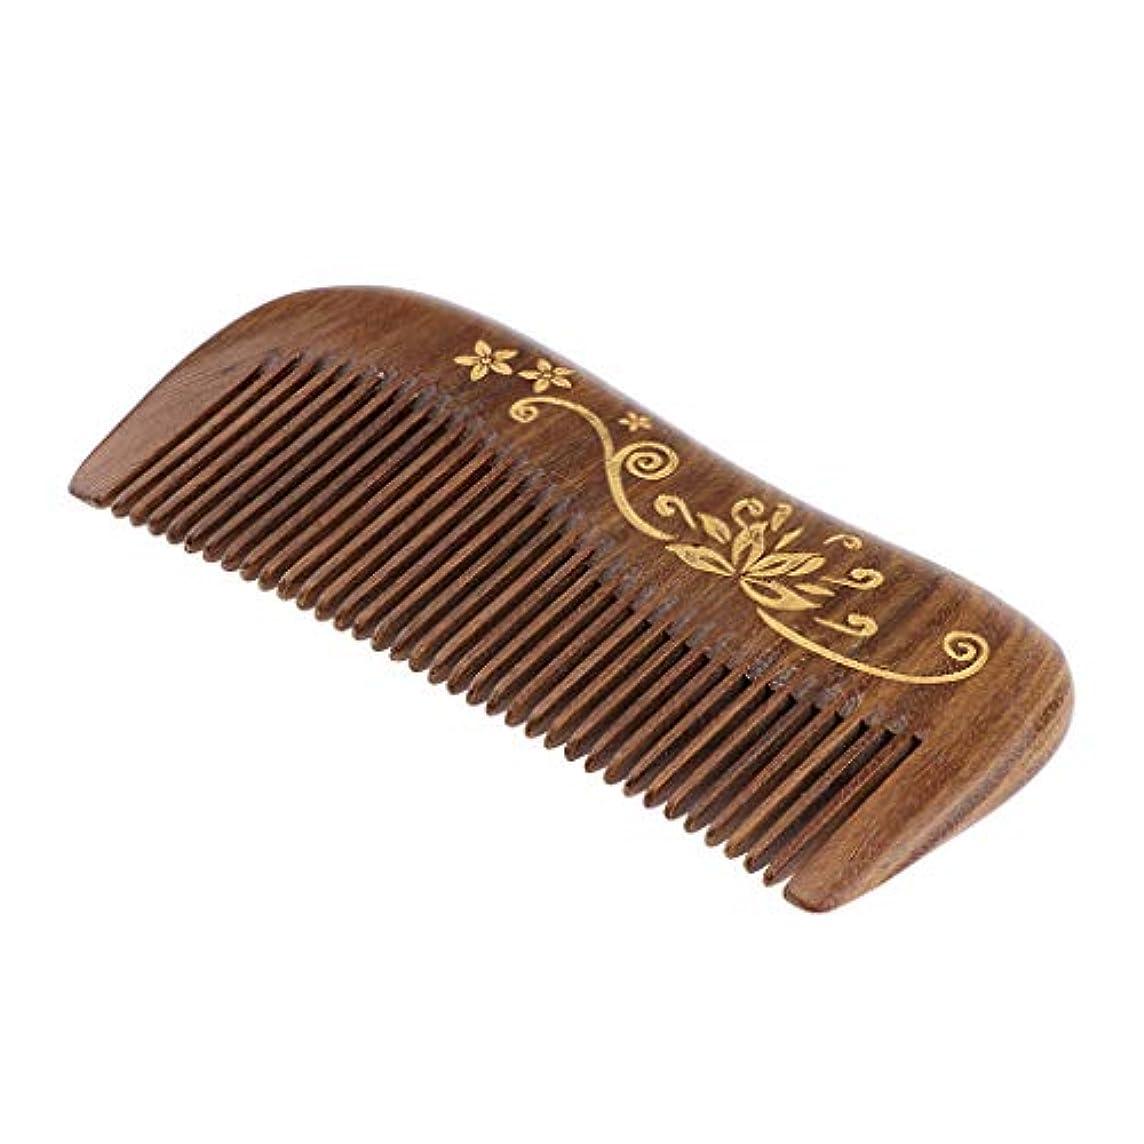 ゆでる問題ハチ絶妙な彫刻の広い歯のもつれをほどく木材の櫛は毛の破損の割れ目を減らします - #4